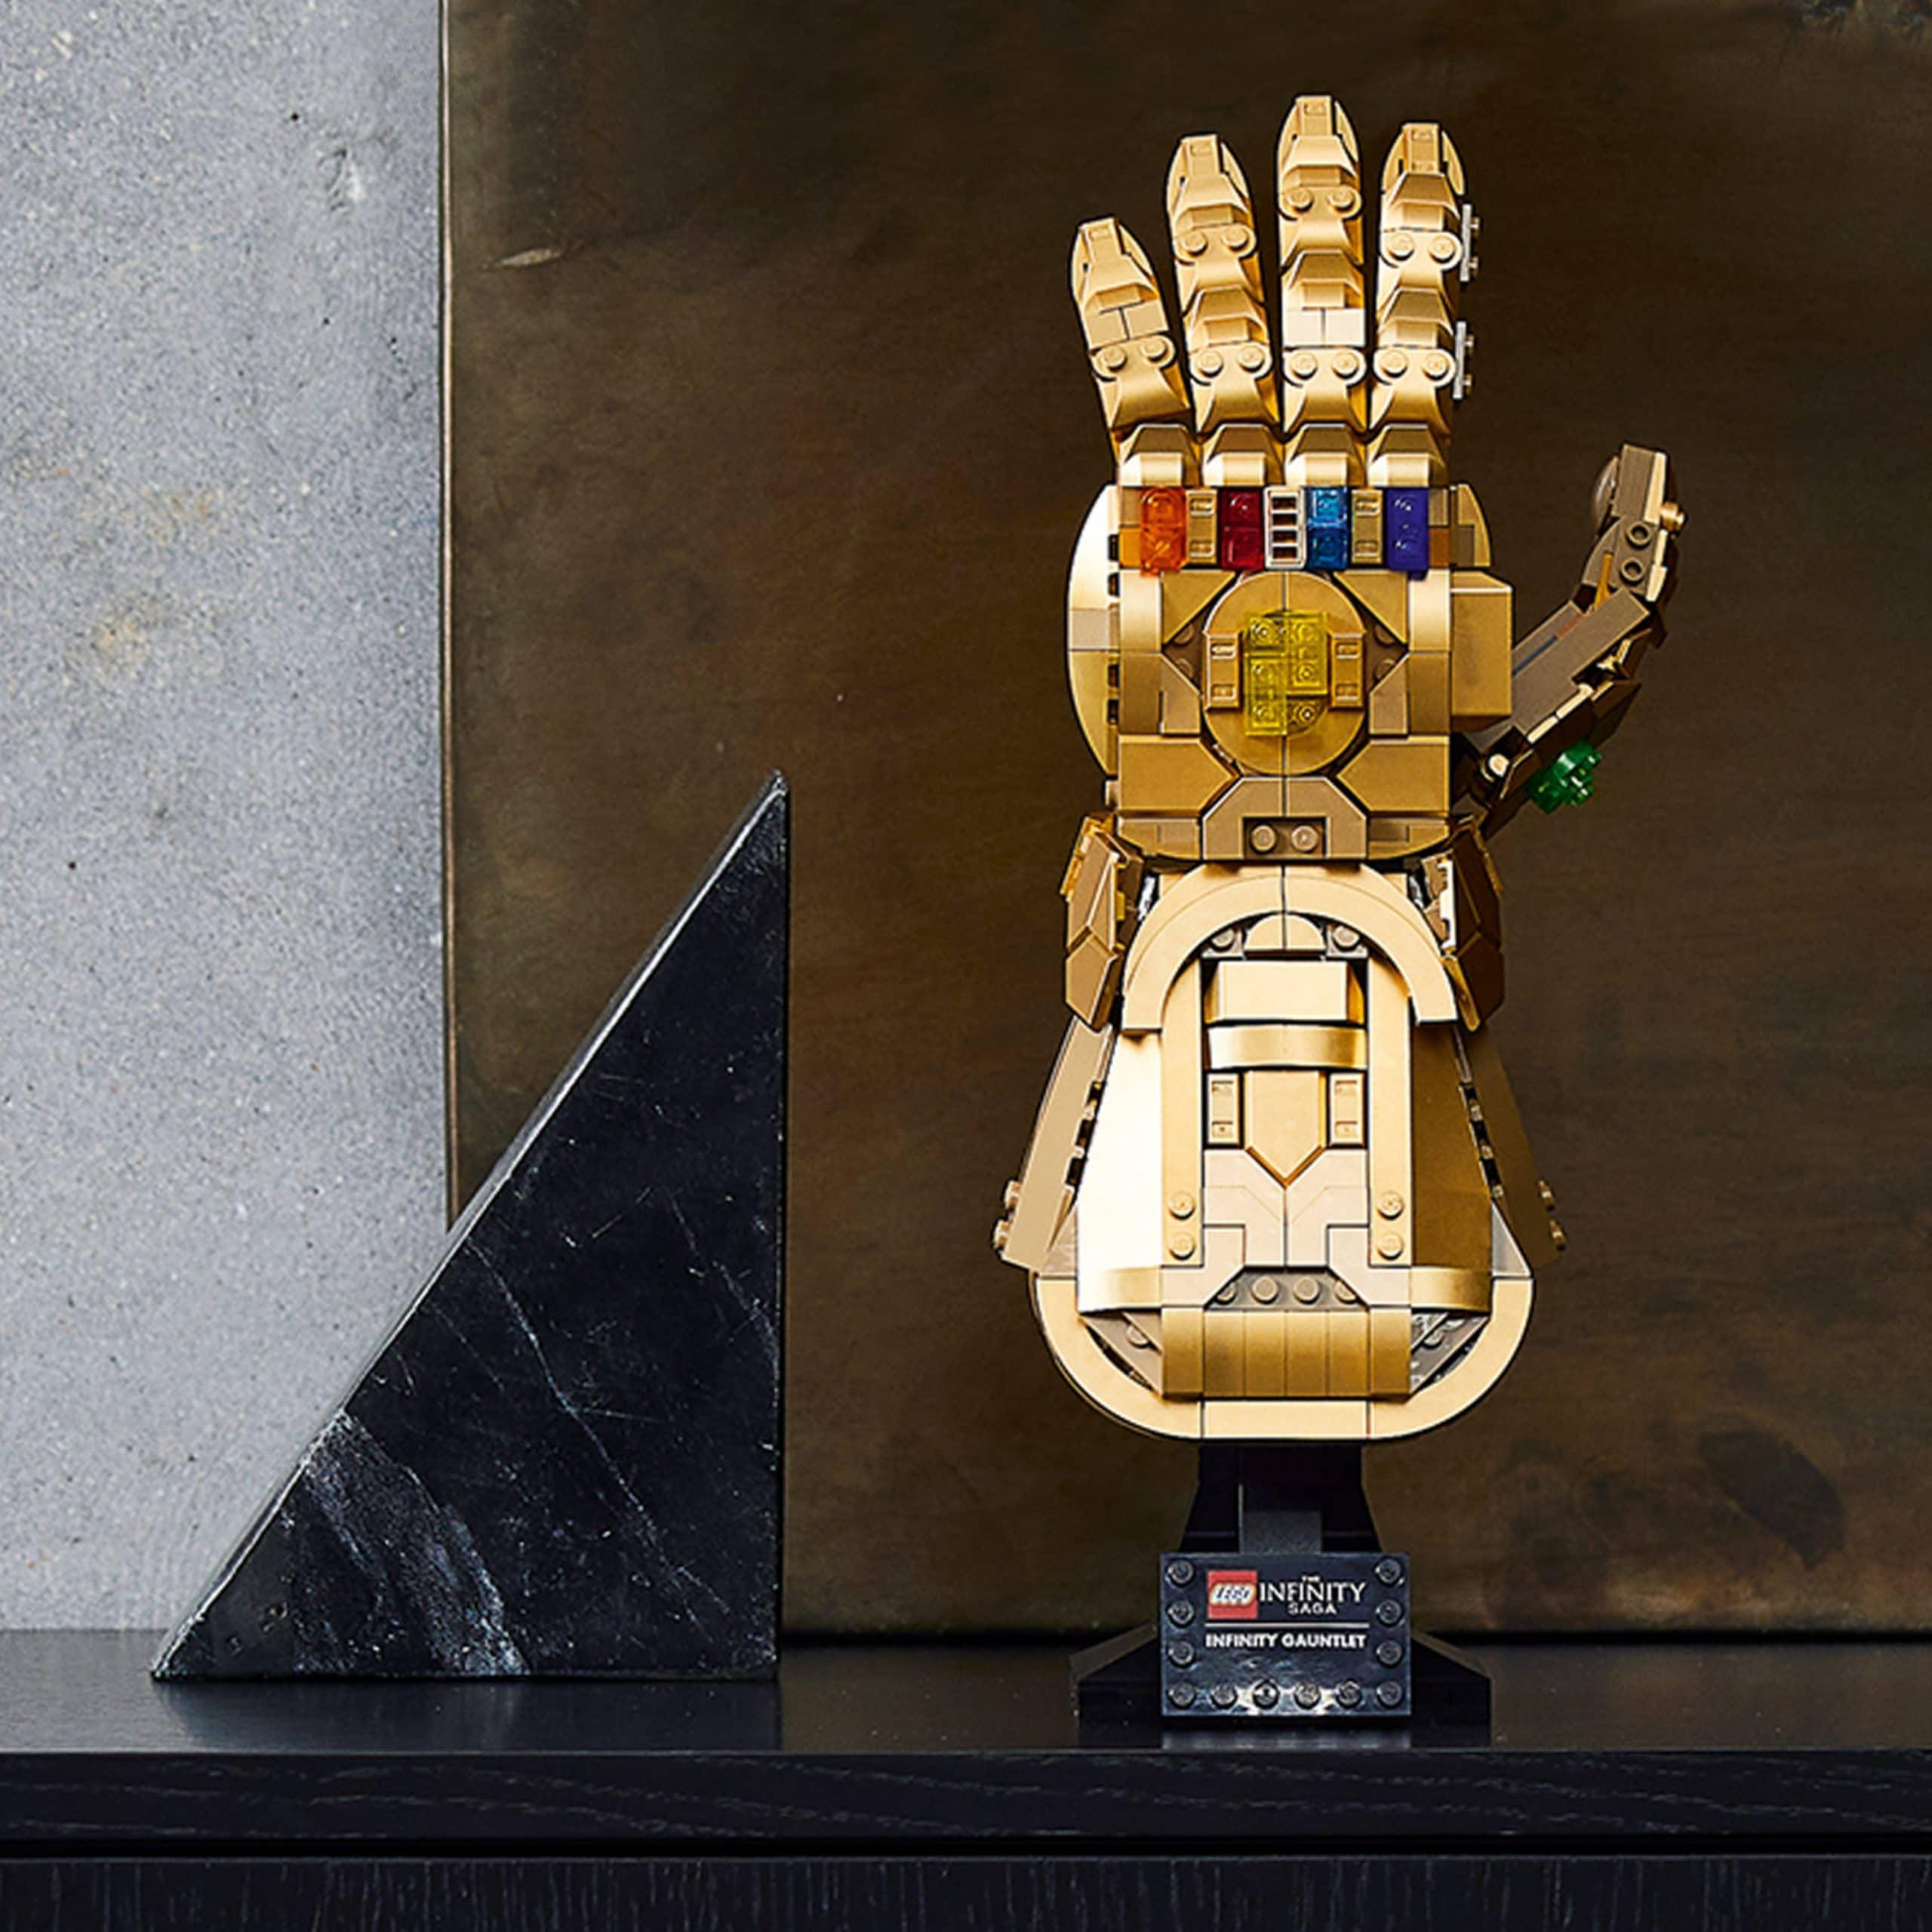 Infinity Gauntlet made of LEGO